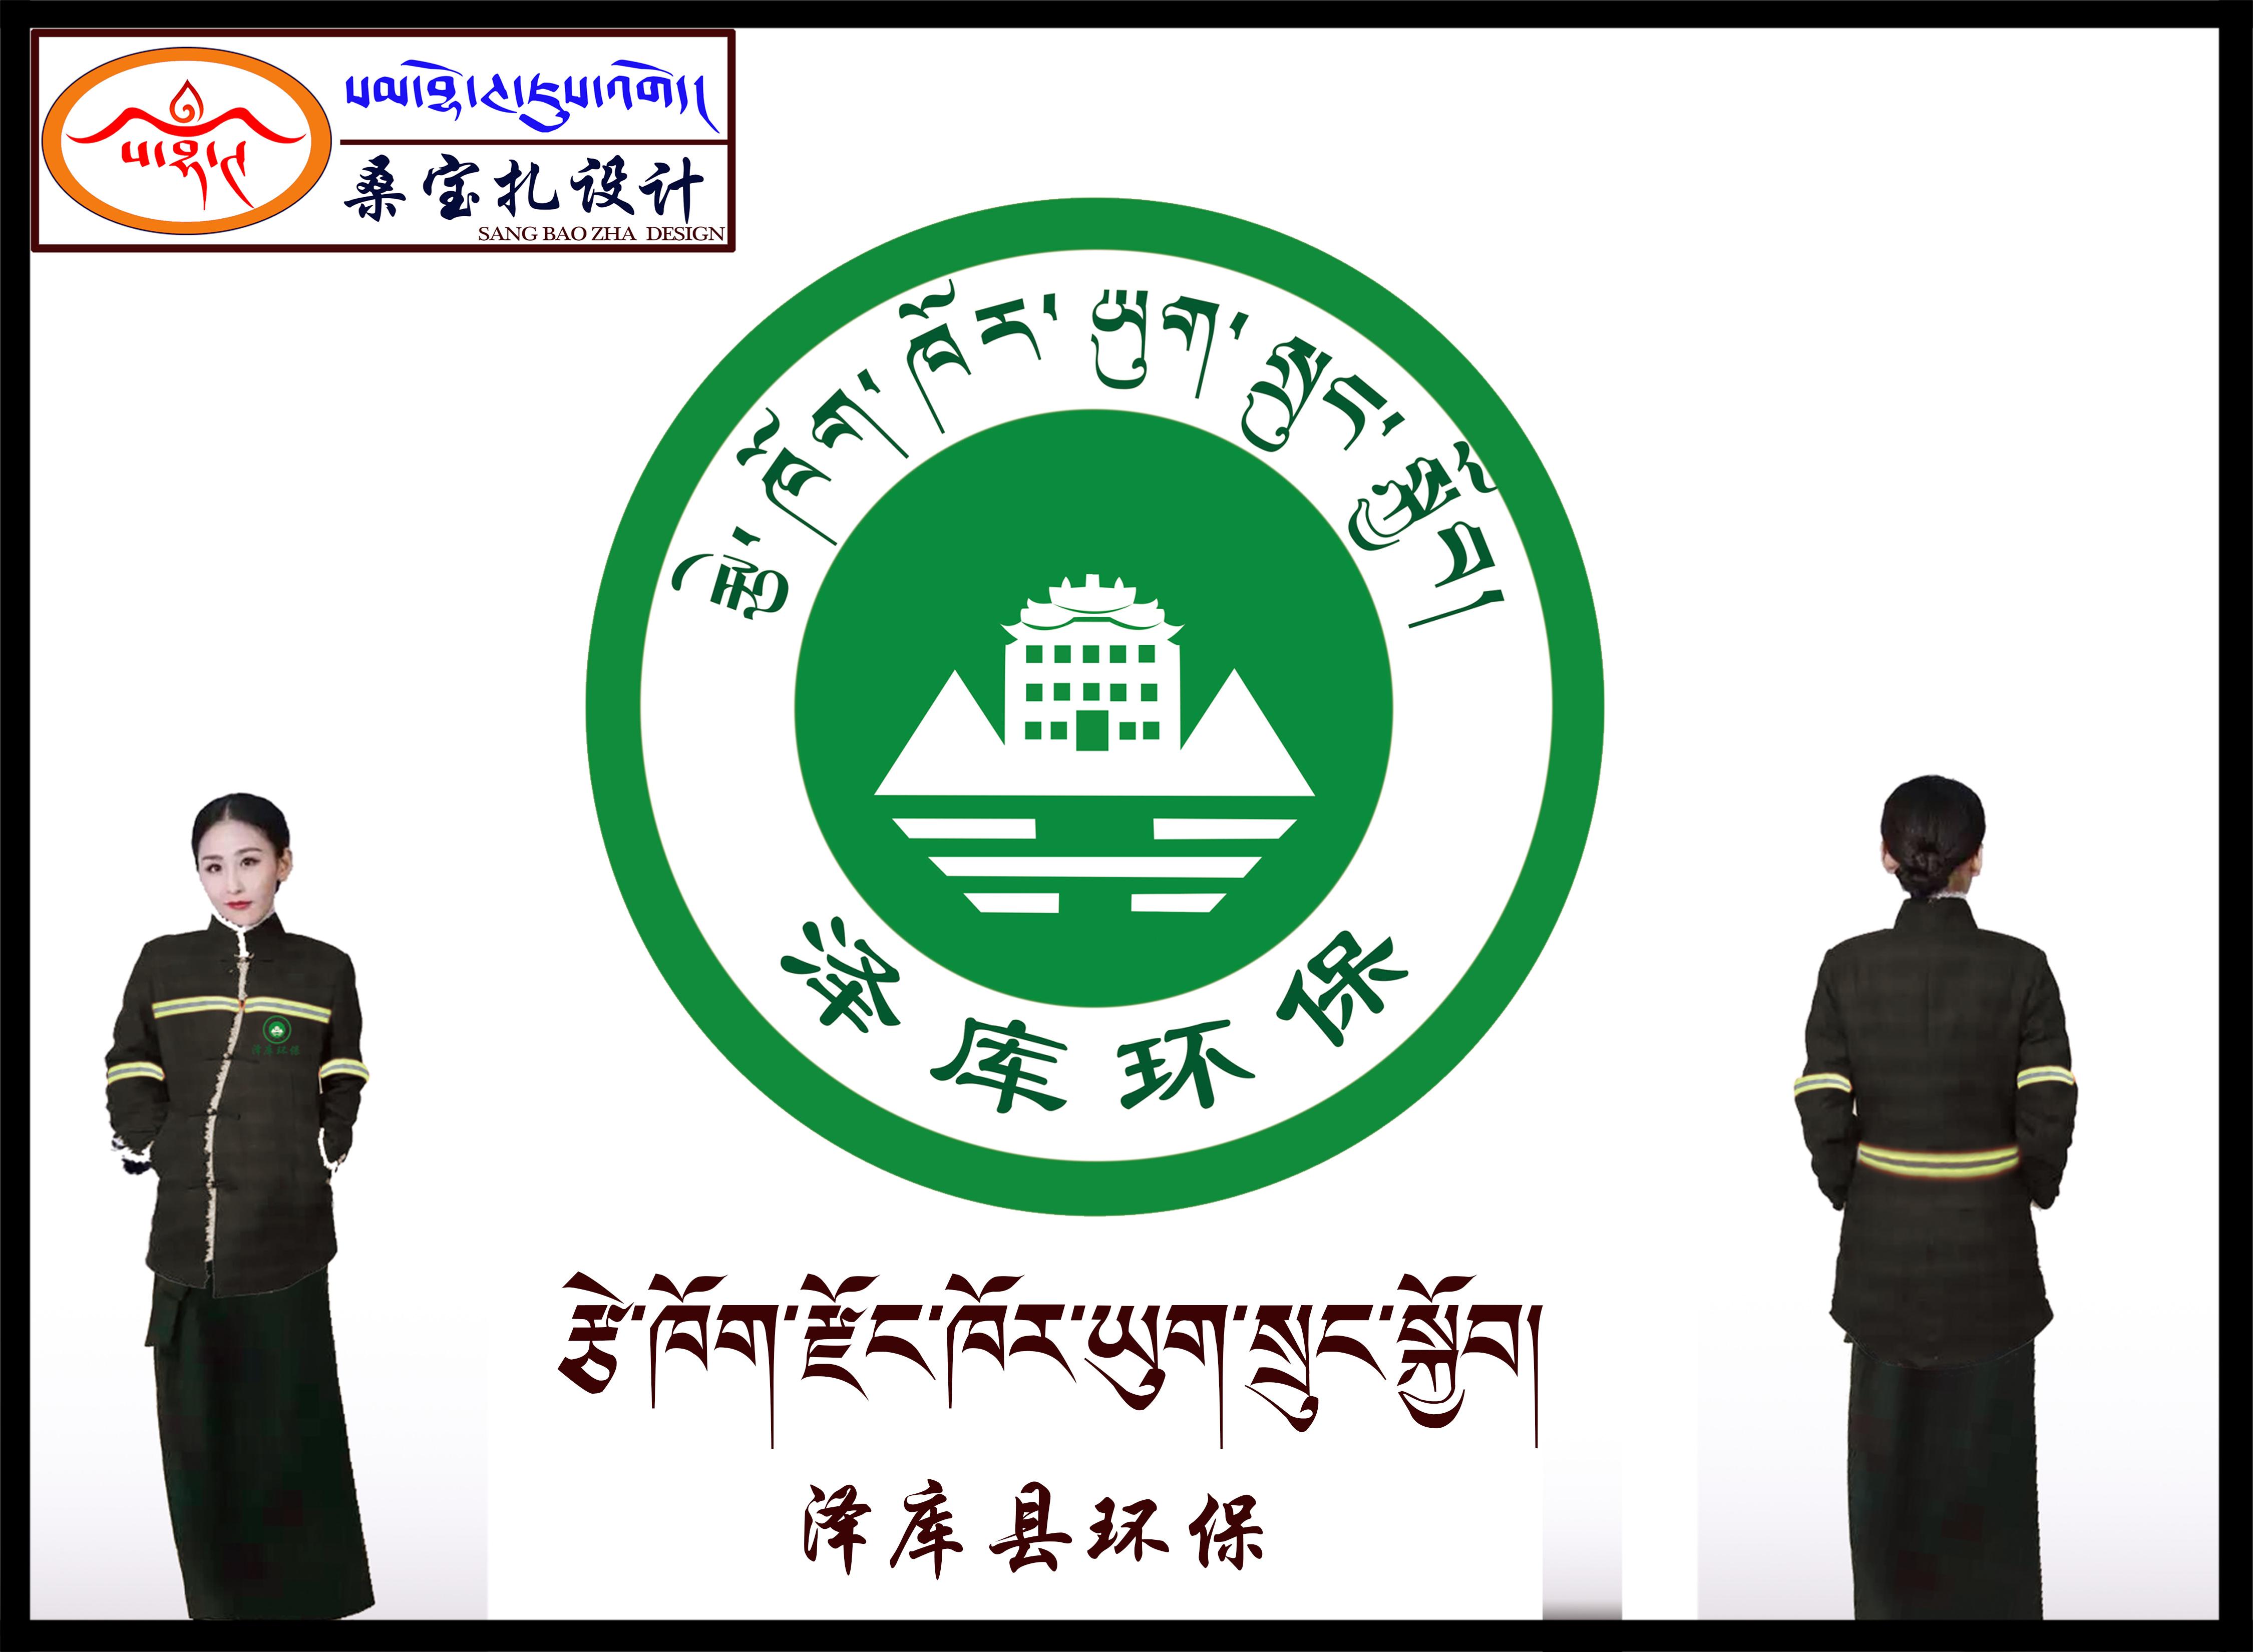 藏族logo设计|平面|标志|藏族标志设计大全 - 原创图片